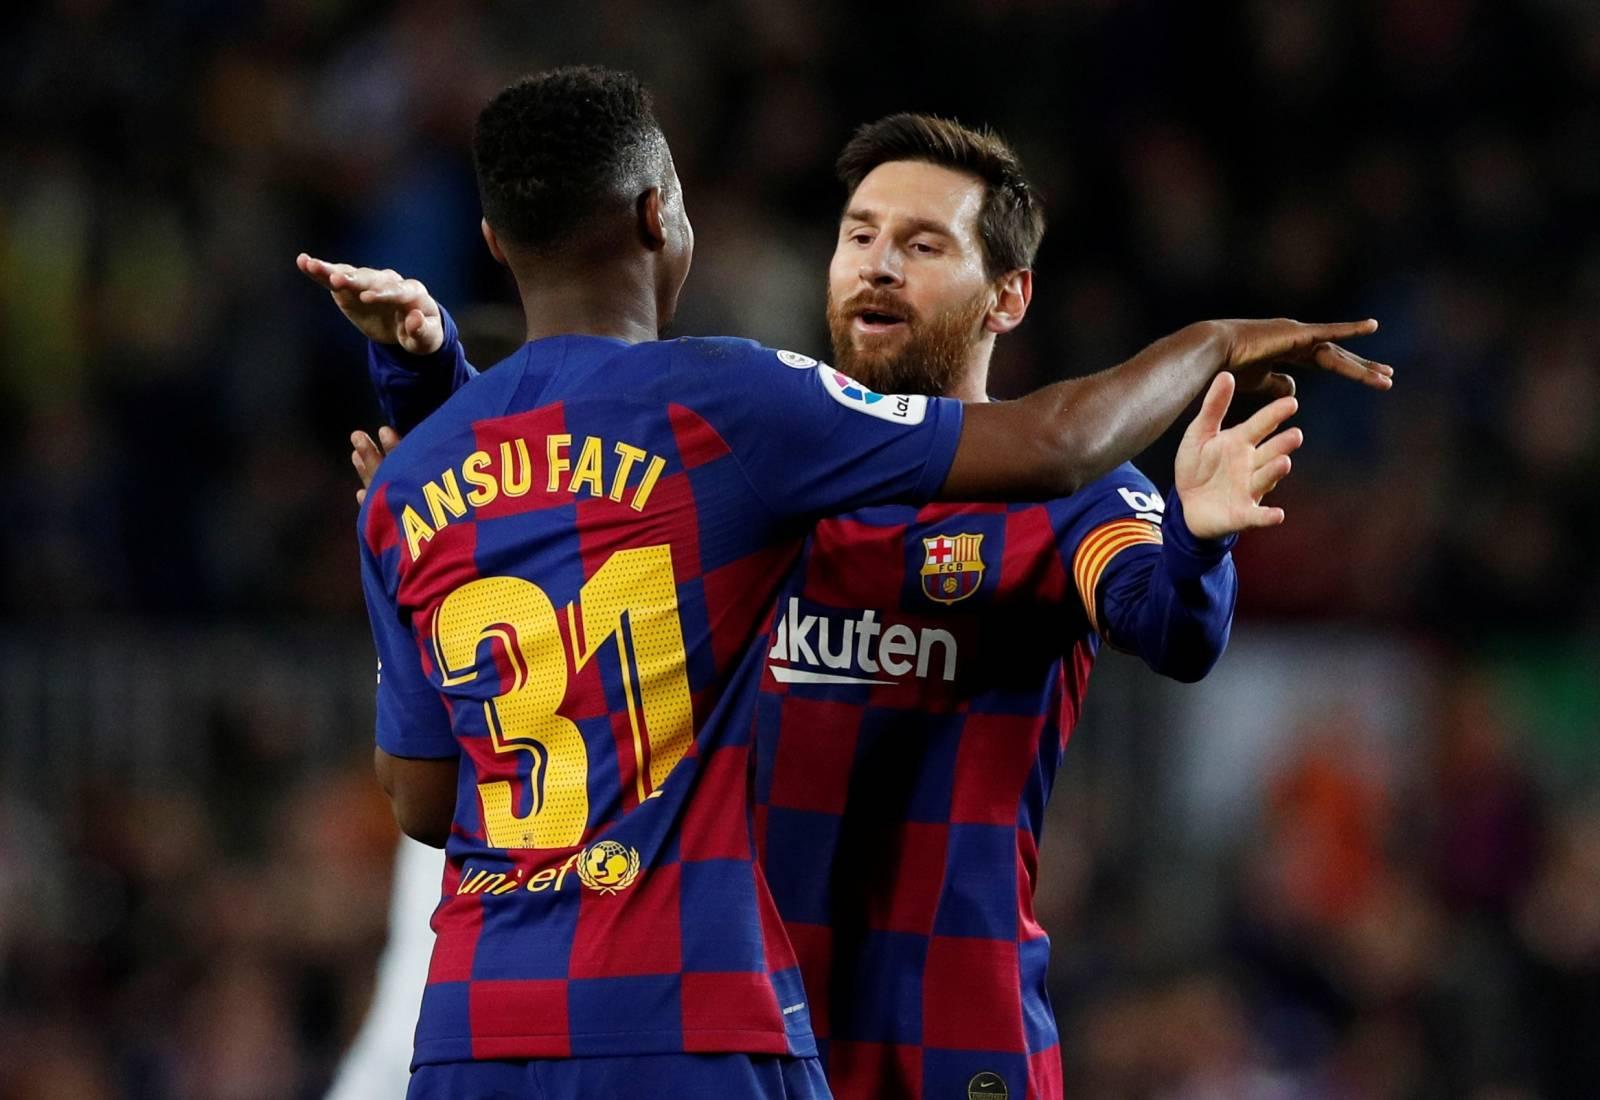 La Liga Santander - FC Barcelona v Levante